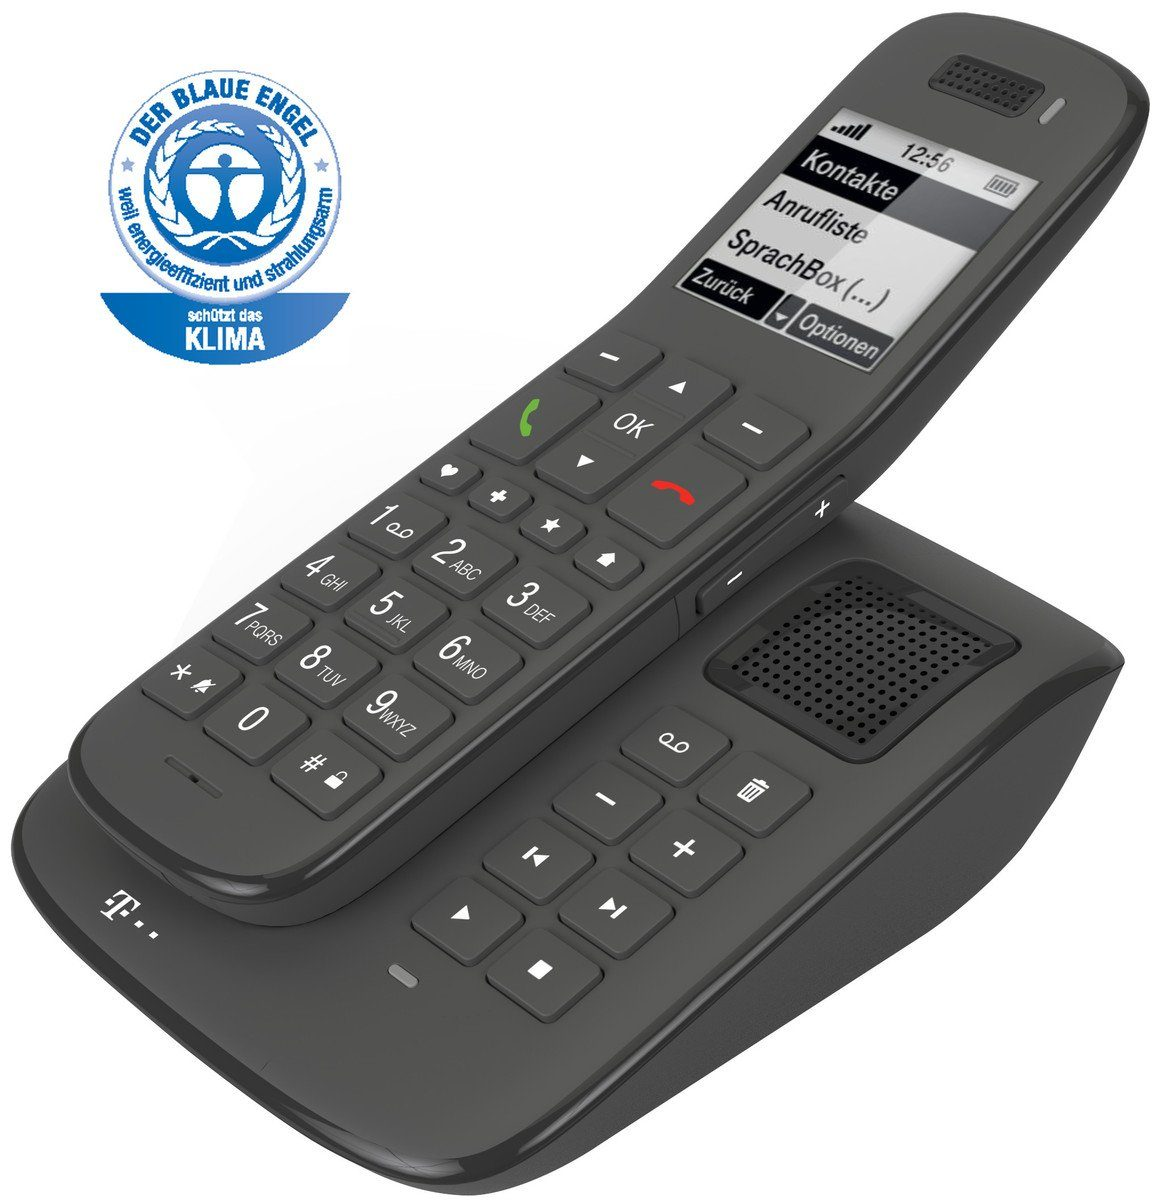 Telekom speedphone »Speedphone 31 mit Basis und AB«